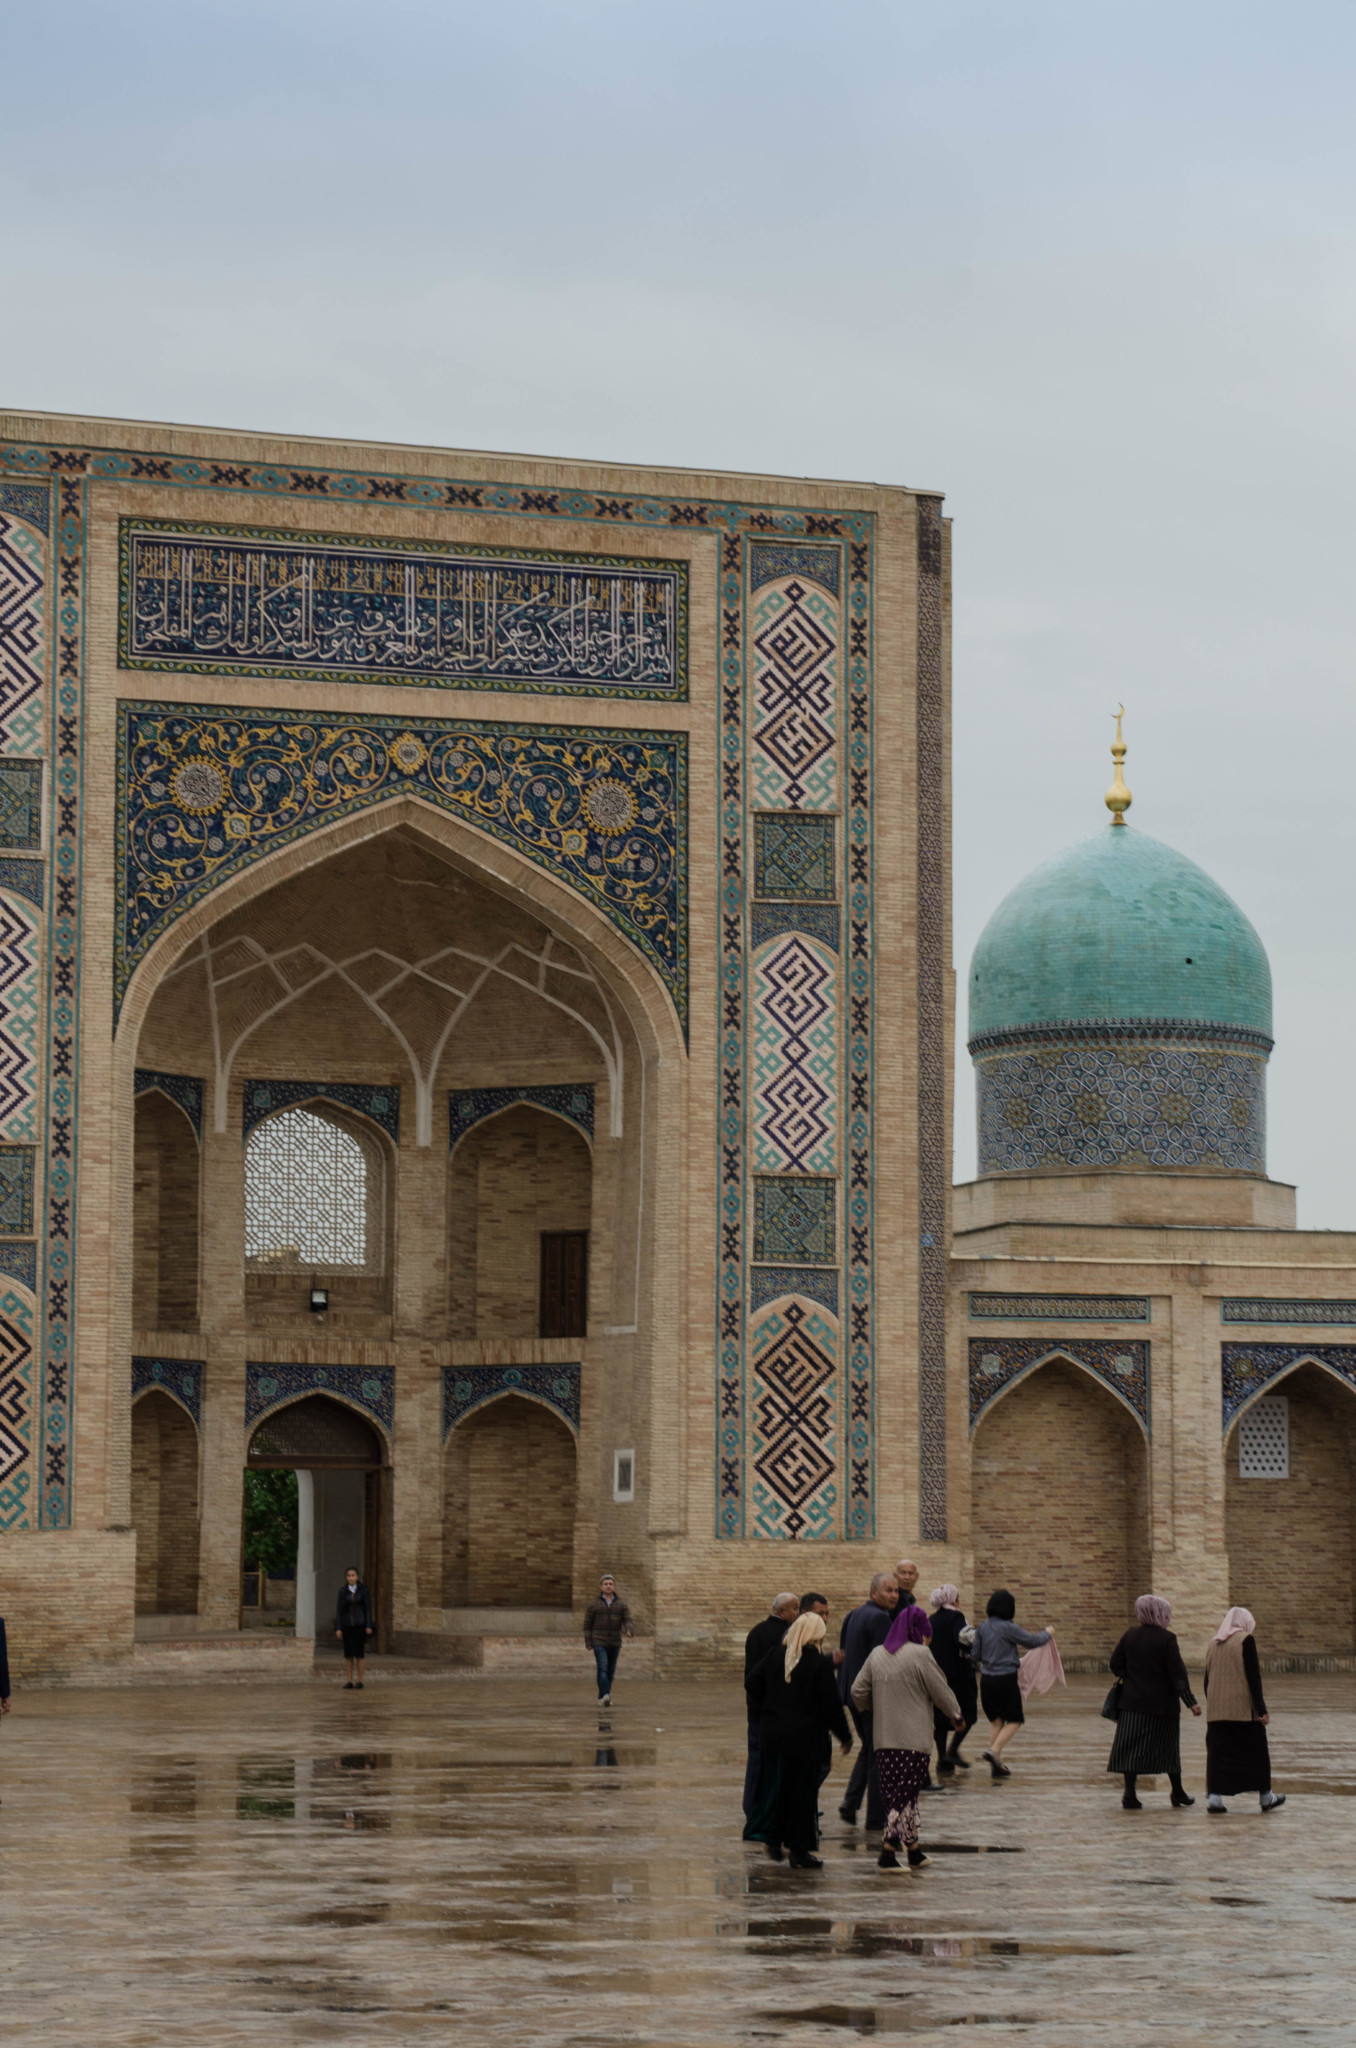 Khast Imam Palast in Taschkent